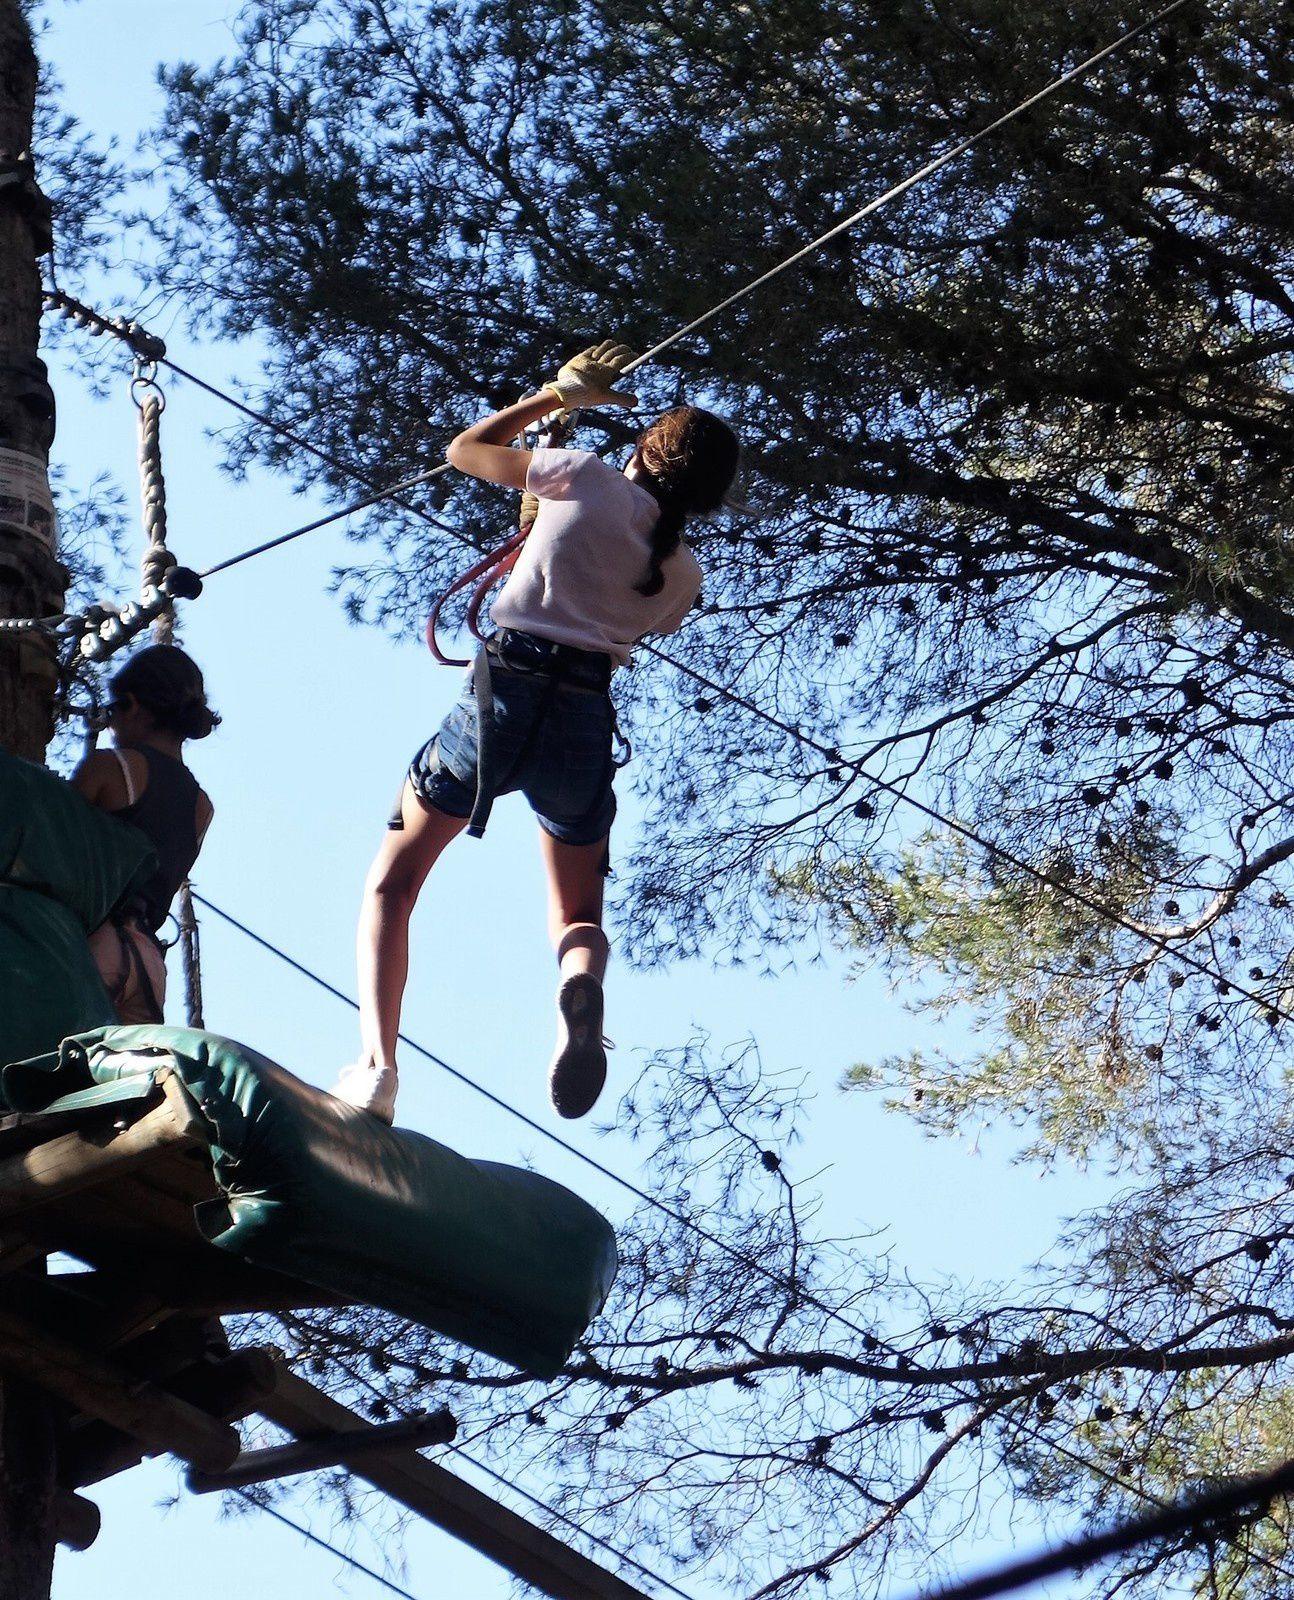 L'aventure au niveau de la canopée